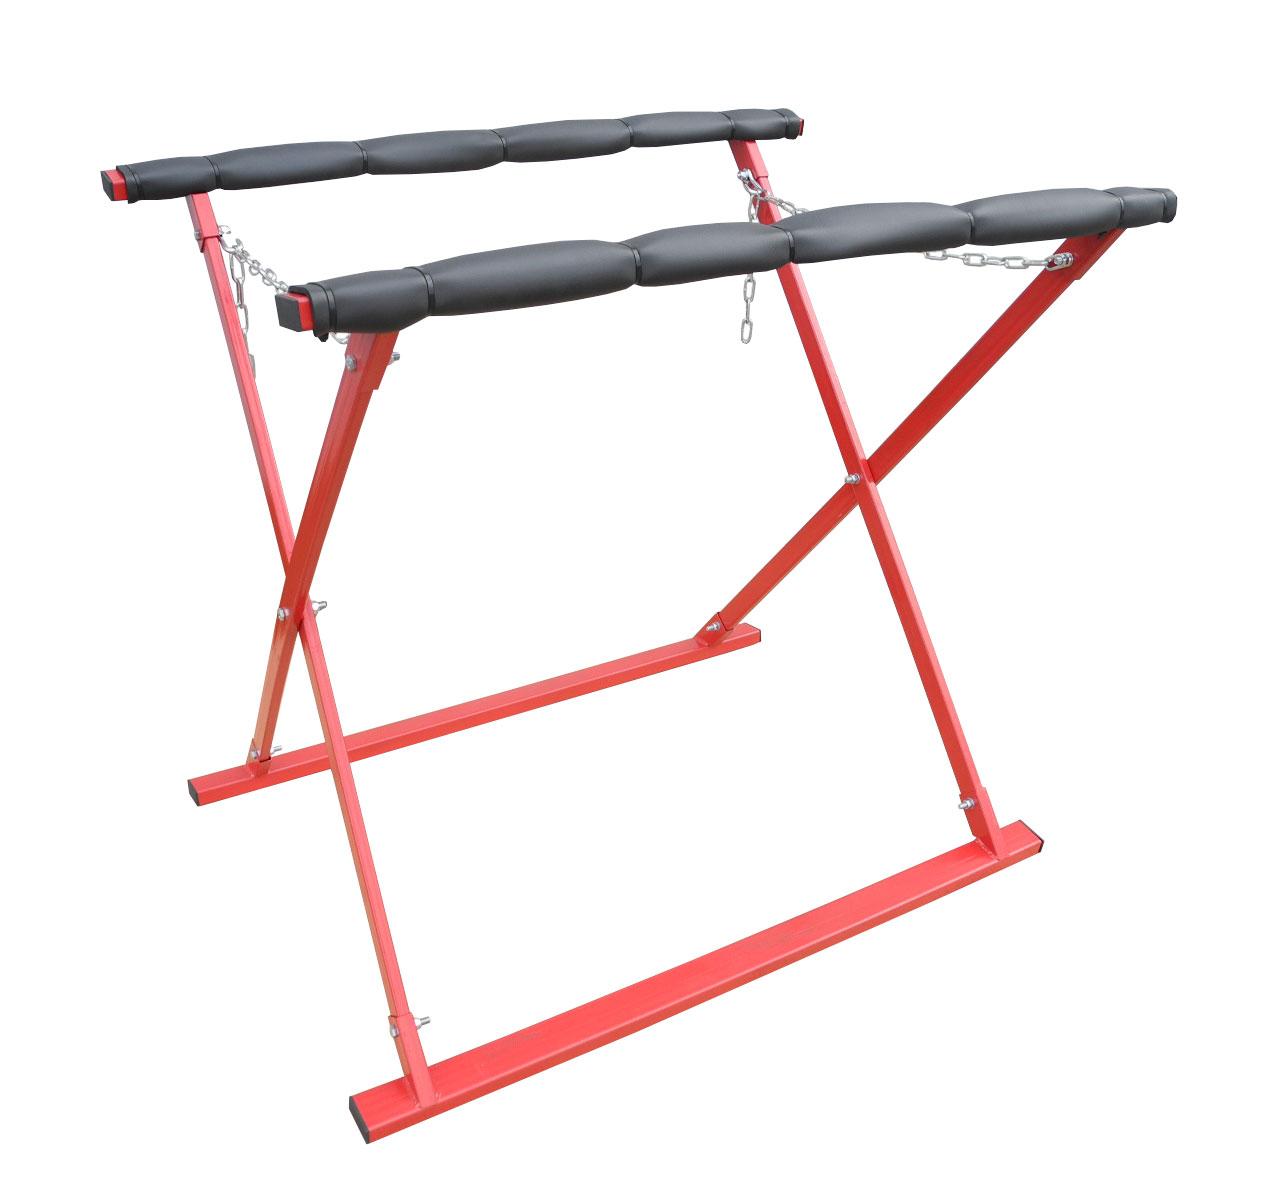 redline folding go kart stand free shipping. Black Bedroom Furniture Sets. Home Design Ideas